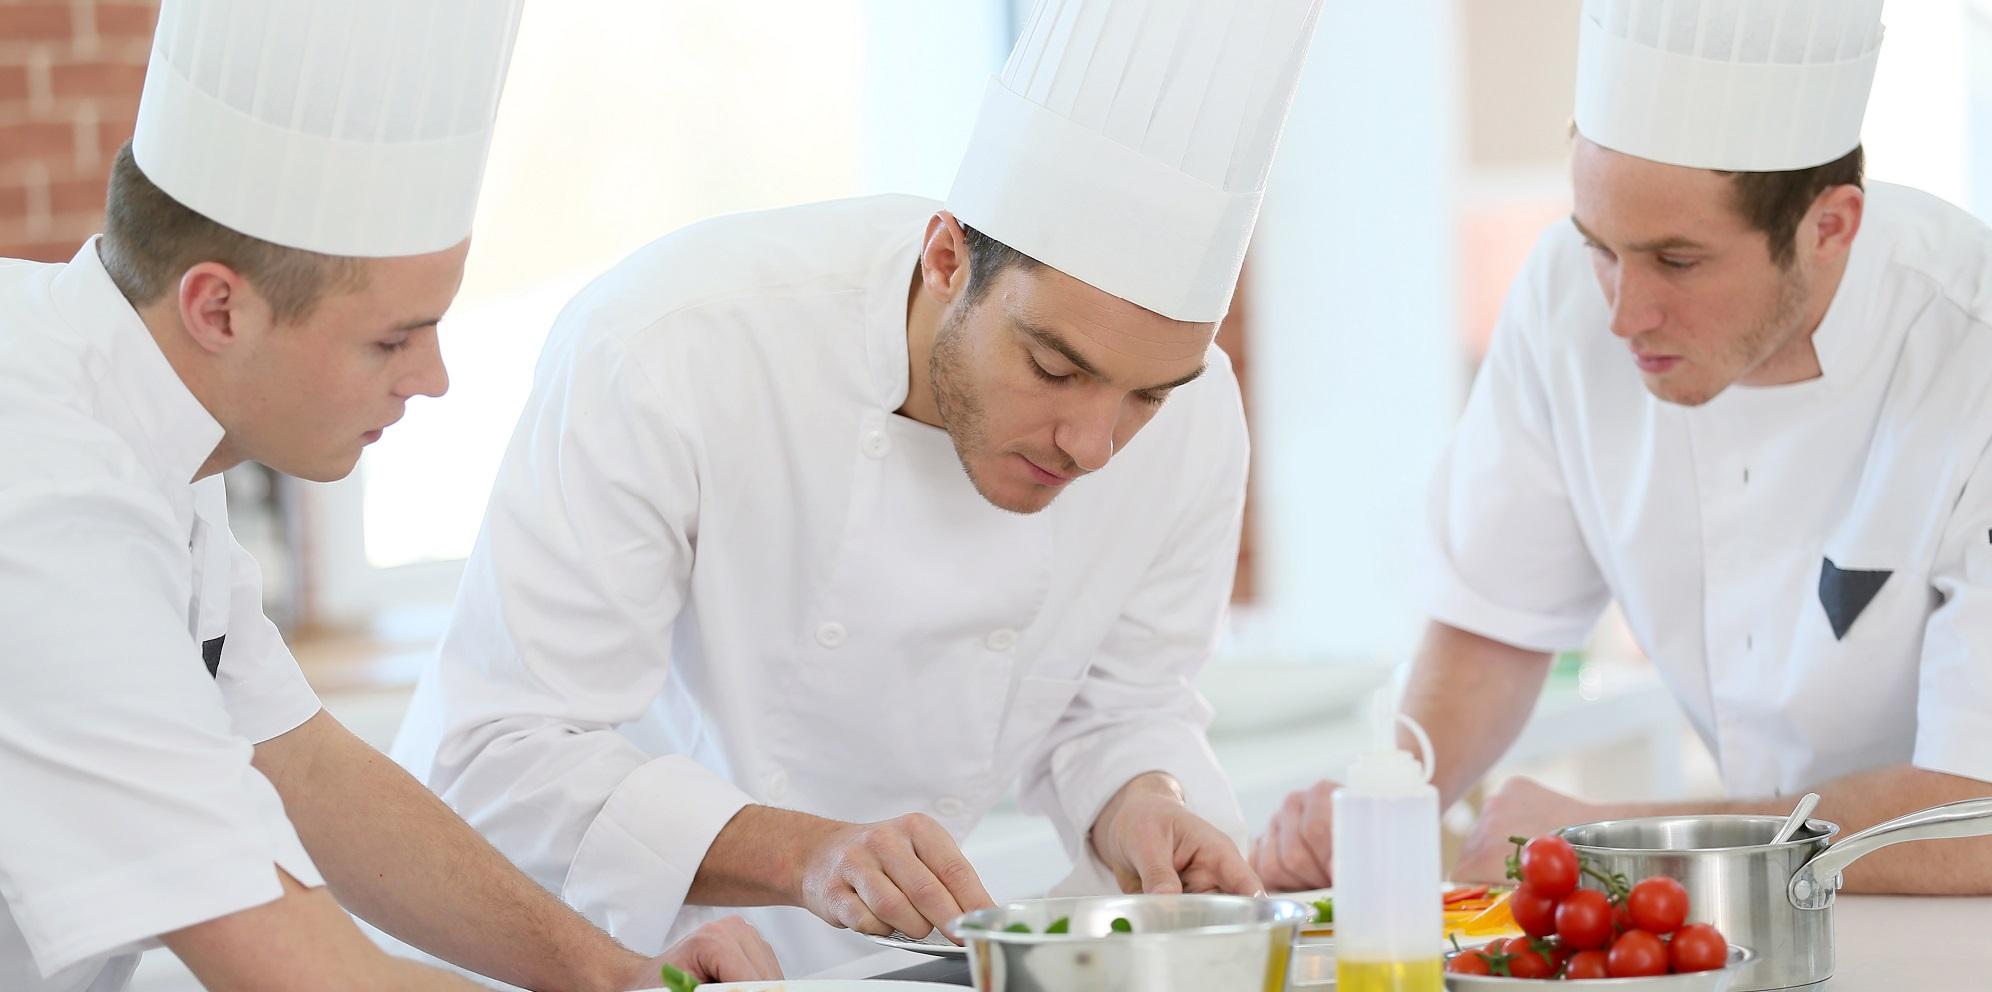 ¿Por qué elegir al Institut Paul Bocuse como la mejor opción para estudiar Alta Cocina?